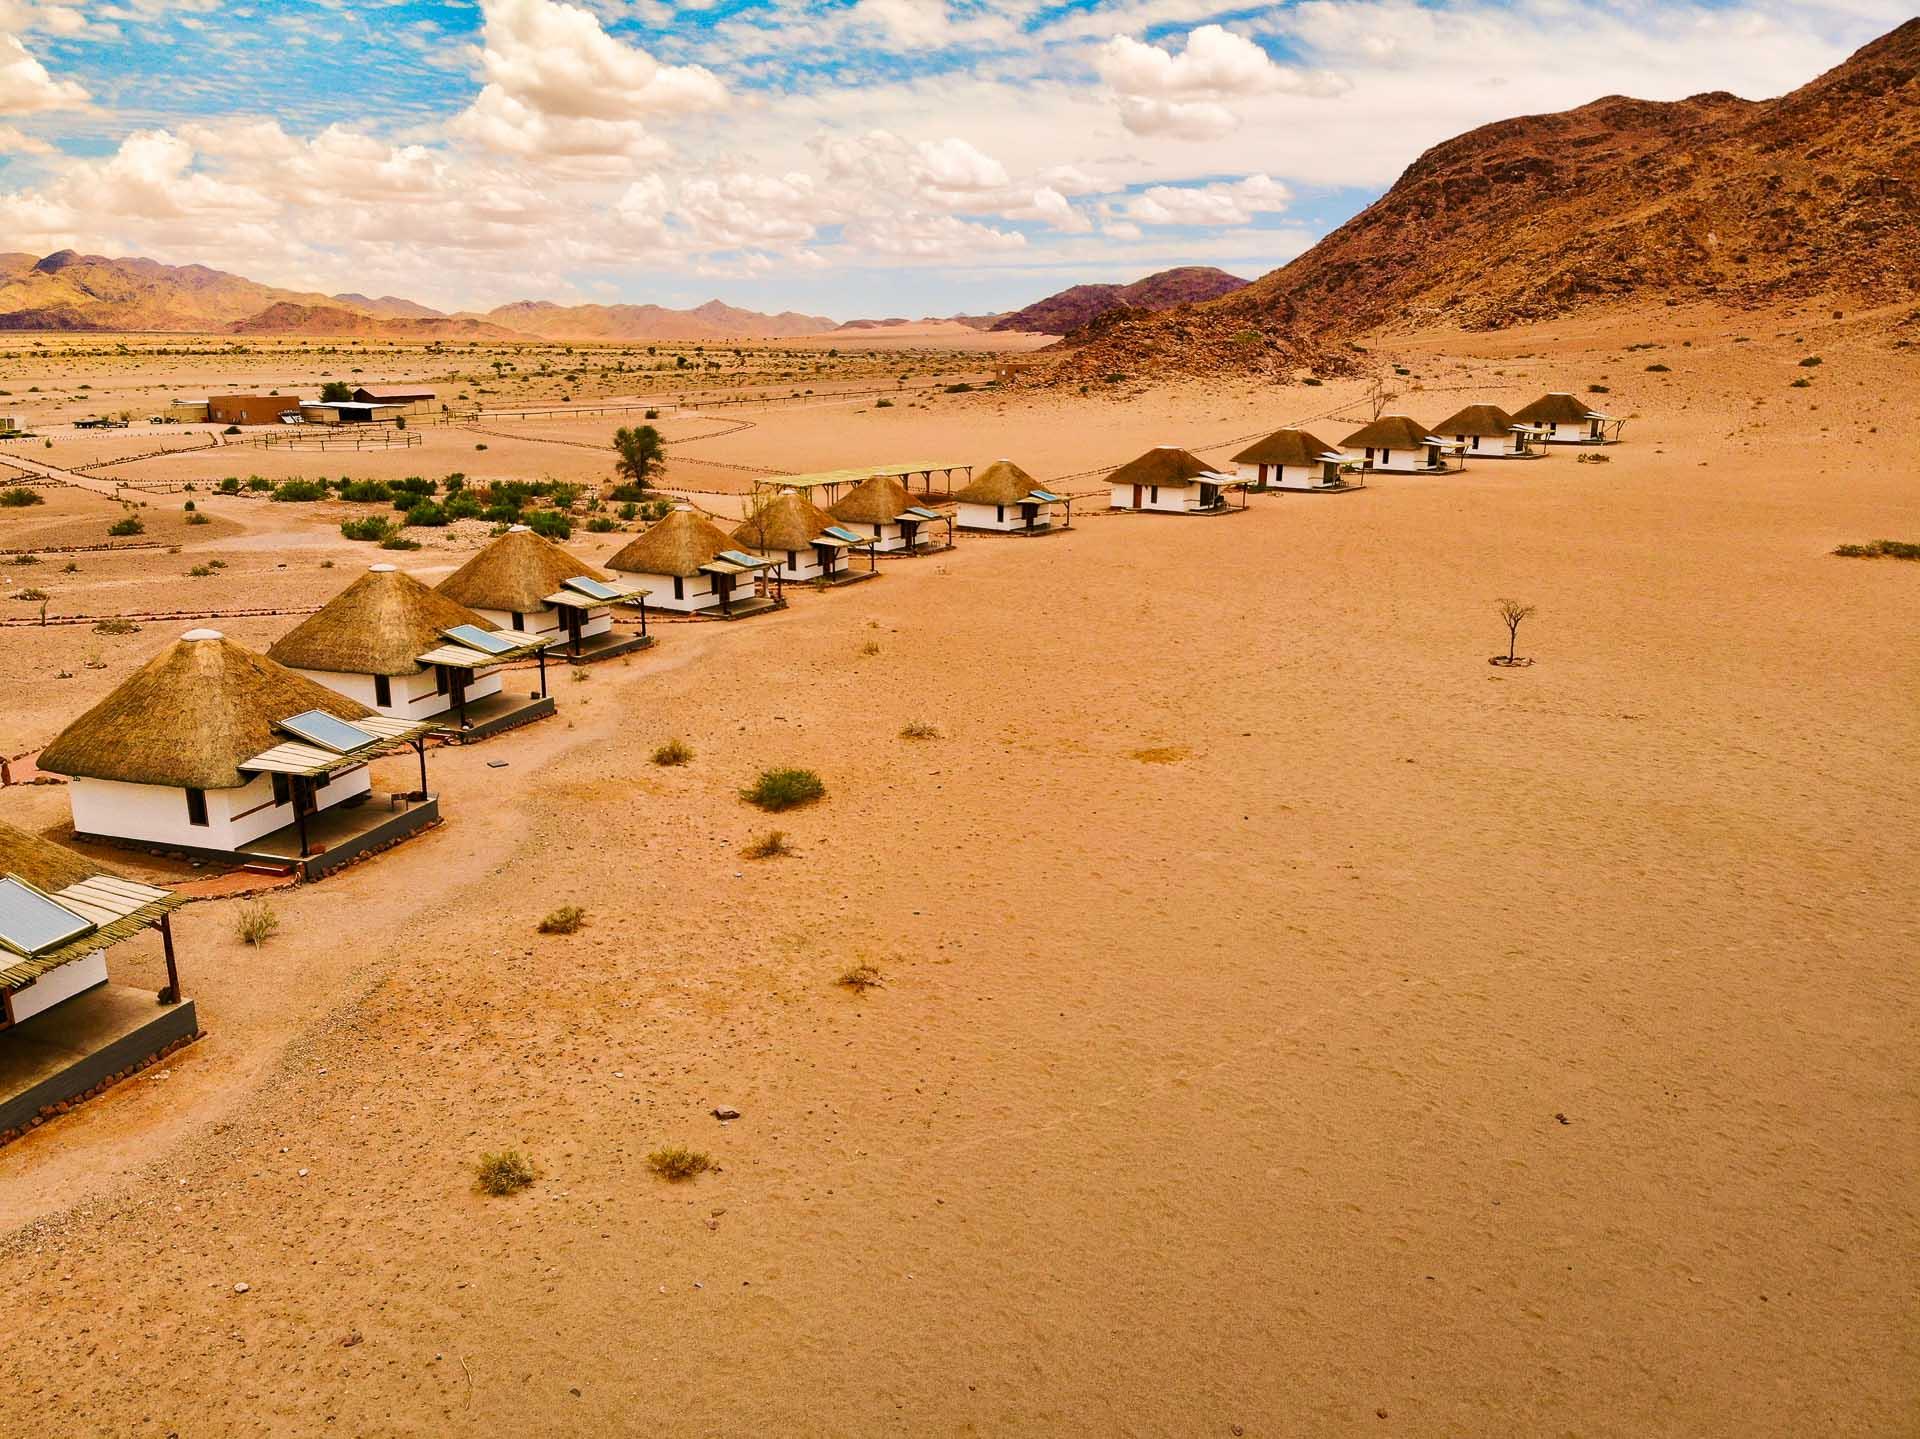 Luftbild der Desert Homestead Lodge in Namibia